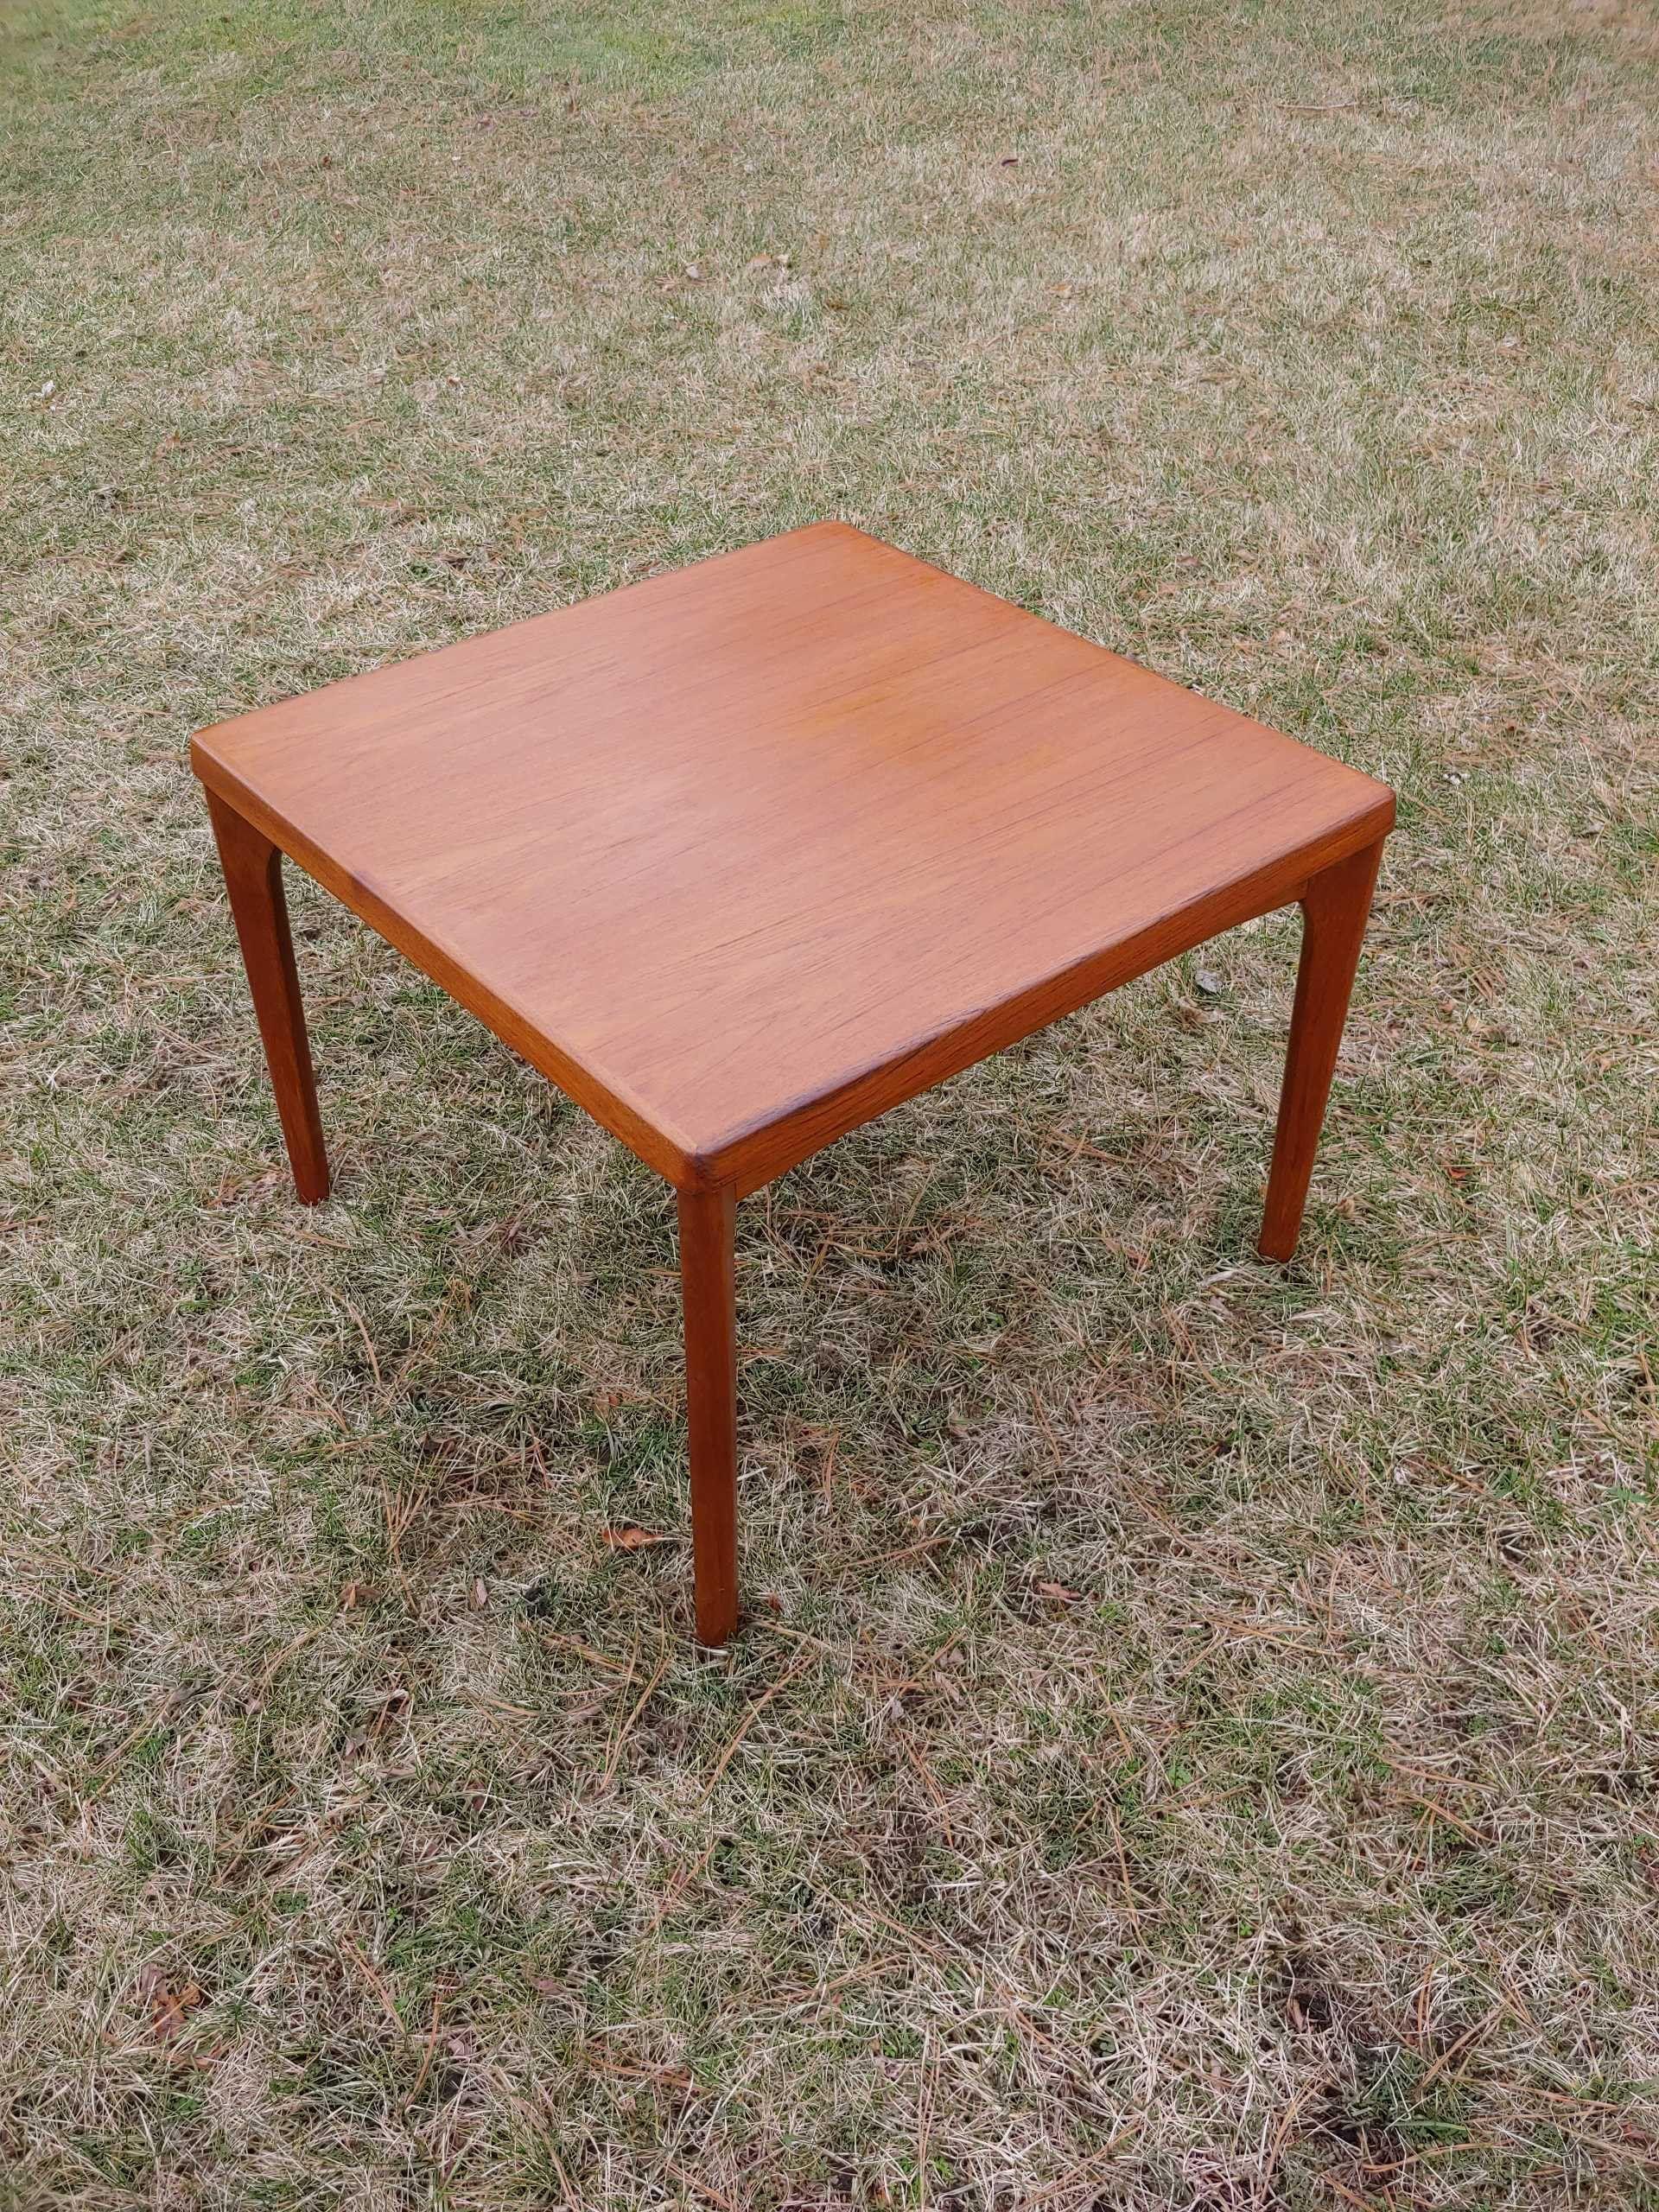 Mid Century Modern Teak Side Table Large Danish Modern Teak Etsy In 2020 Teak Side Table Side Table Small Coffee Table